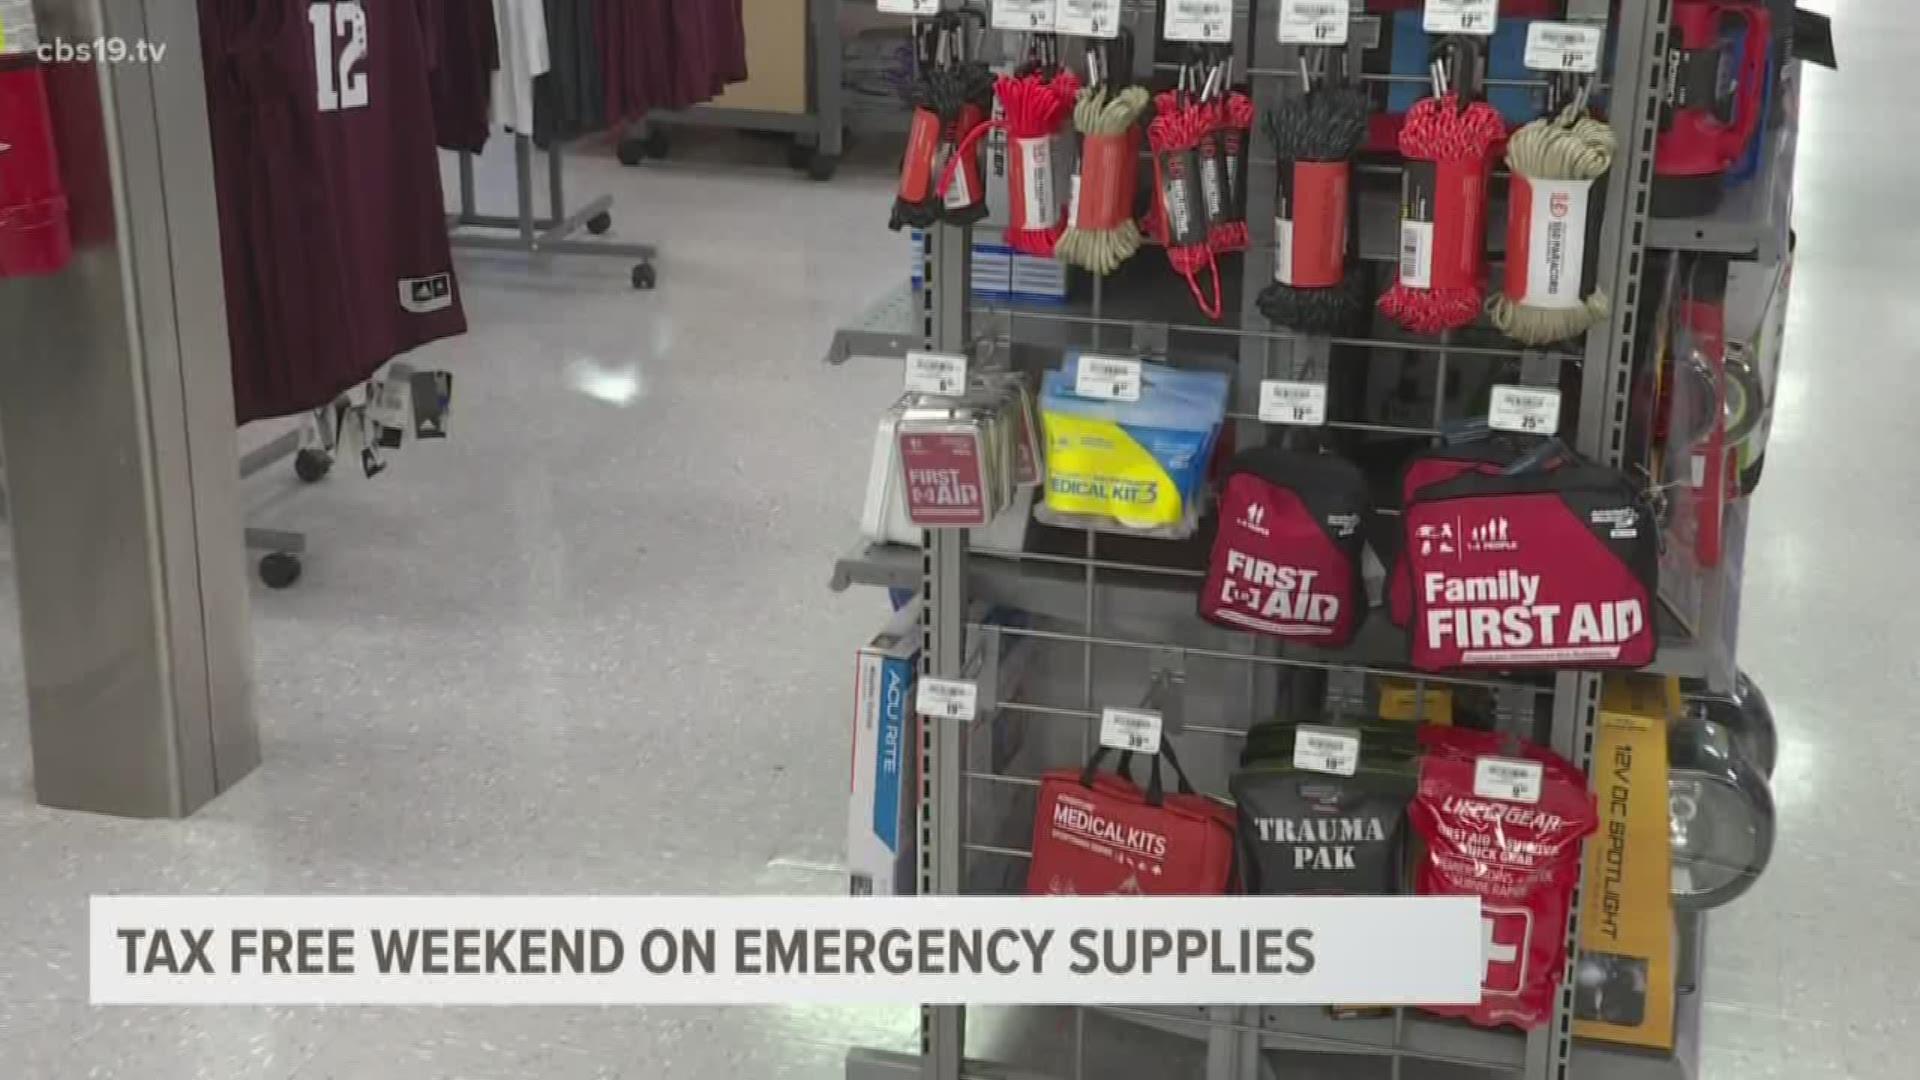 Texas Emergency Preparation Supplies Sales Tax Holiday 2020 Khou Com